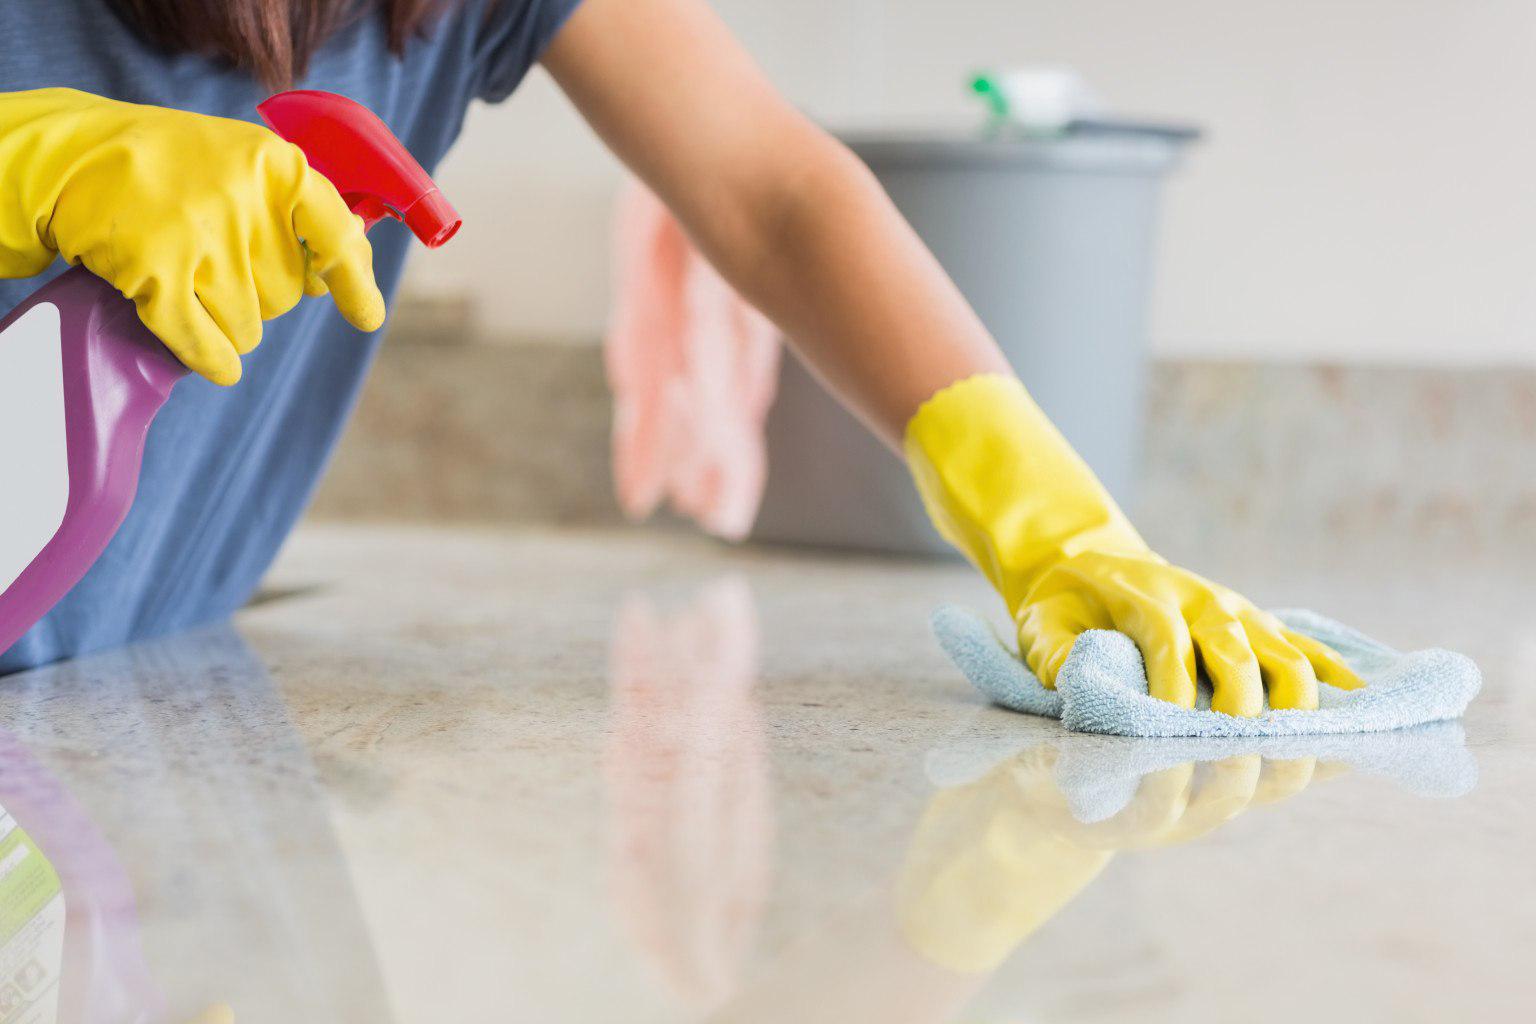 Профессиональная уборка квартиры занимает обычно не более 5 часов